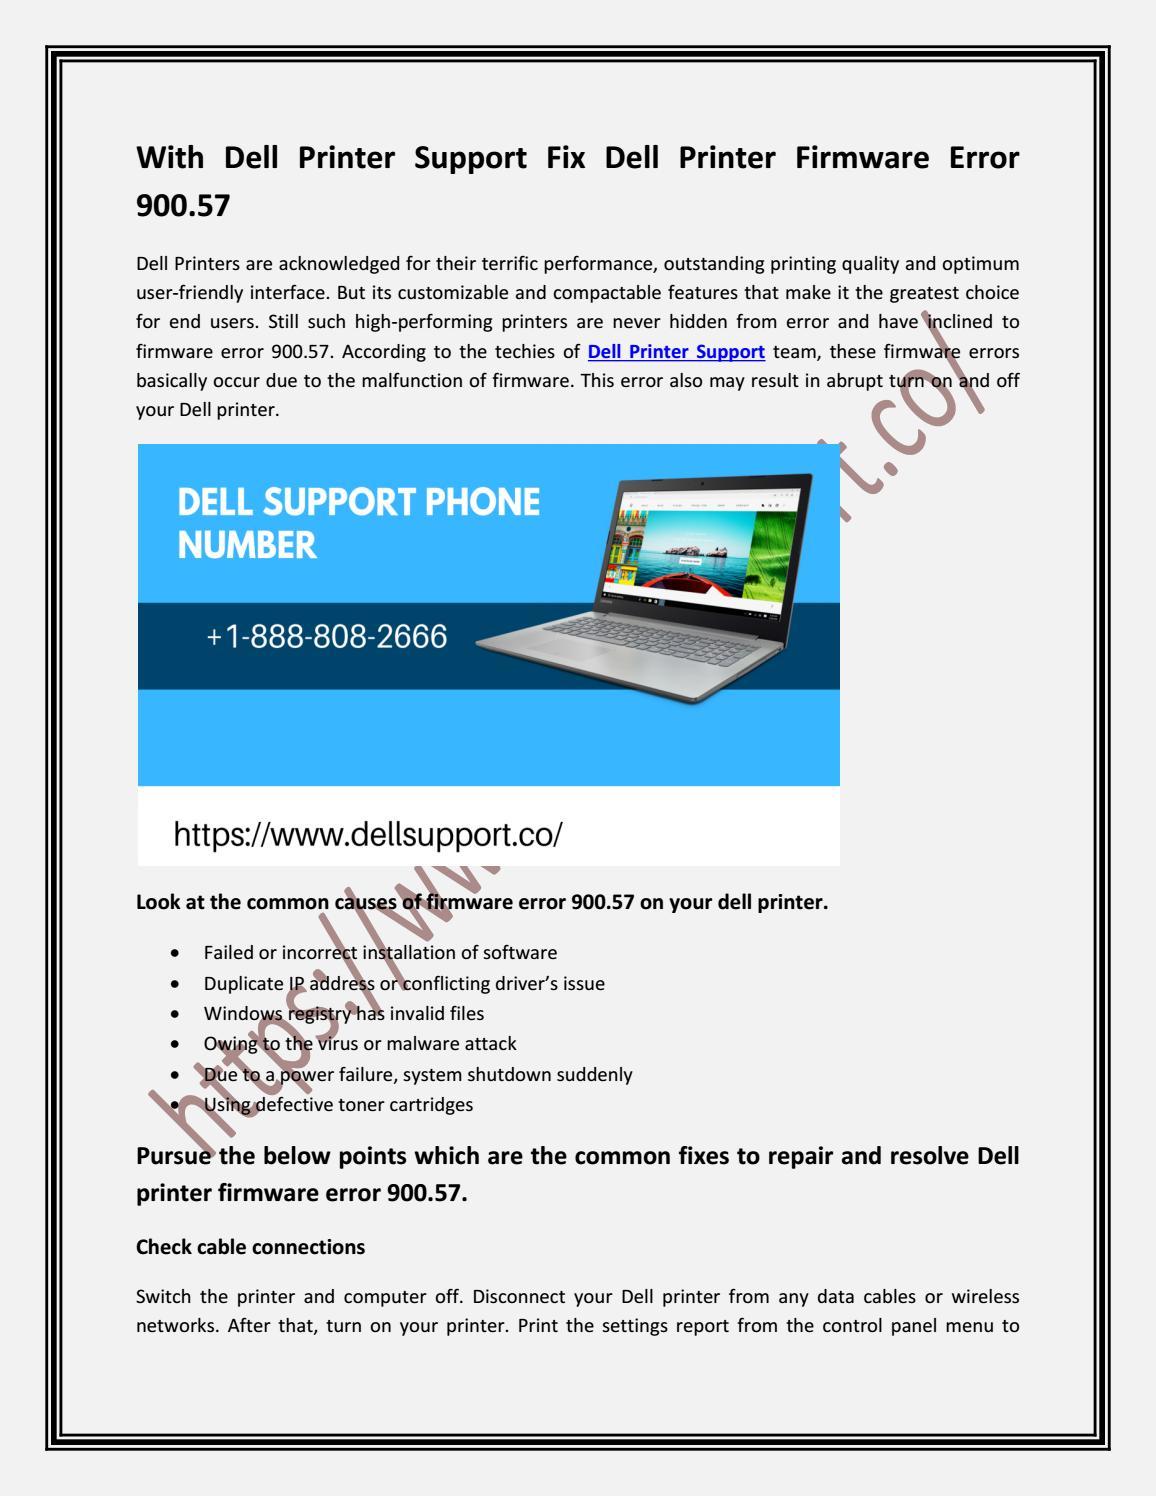 dell b2360d firmware error 900.57